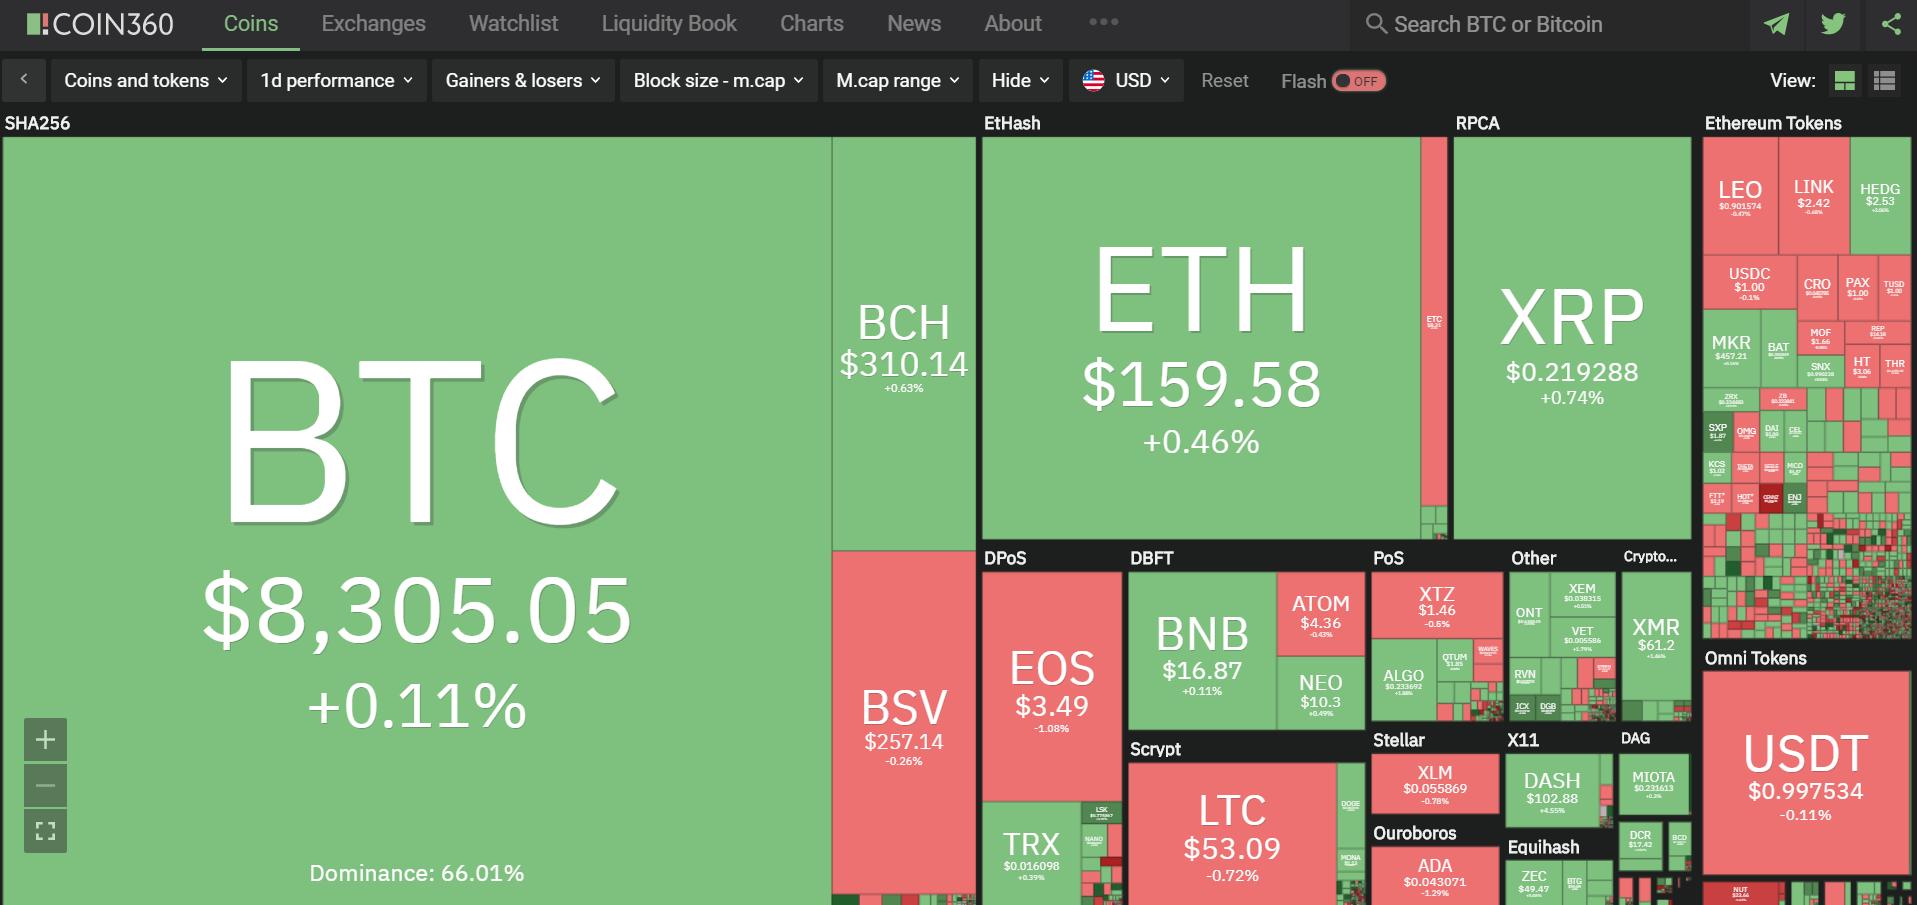 Toàn cảnh thị trường tiền kĩ thuật số hôm nay (26/1) (Nguồn: Coin360.com)